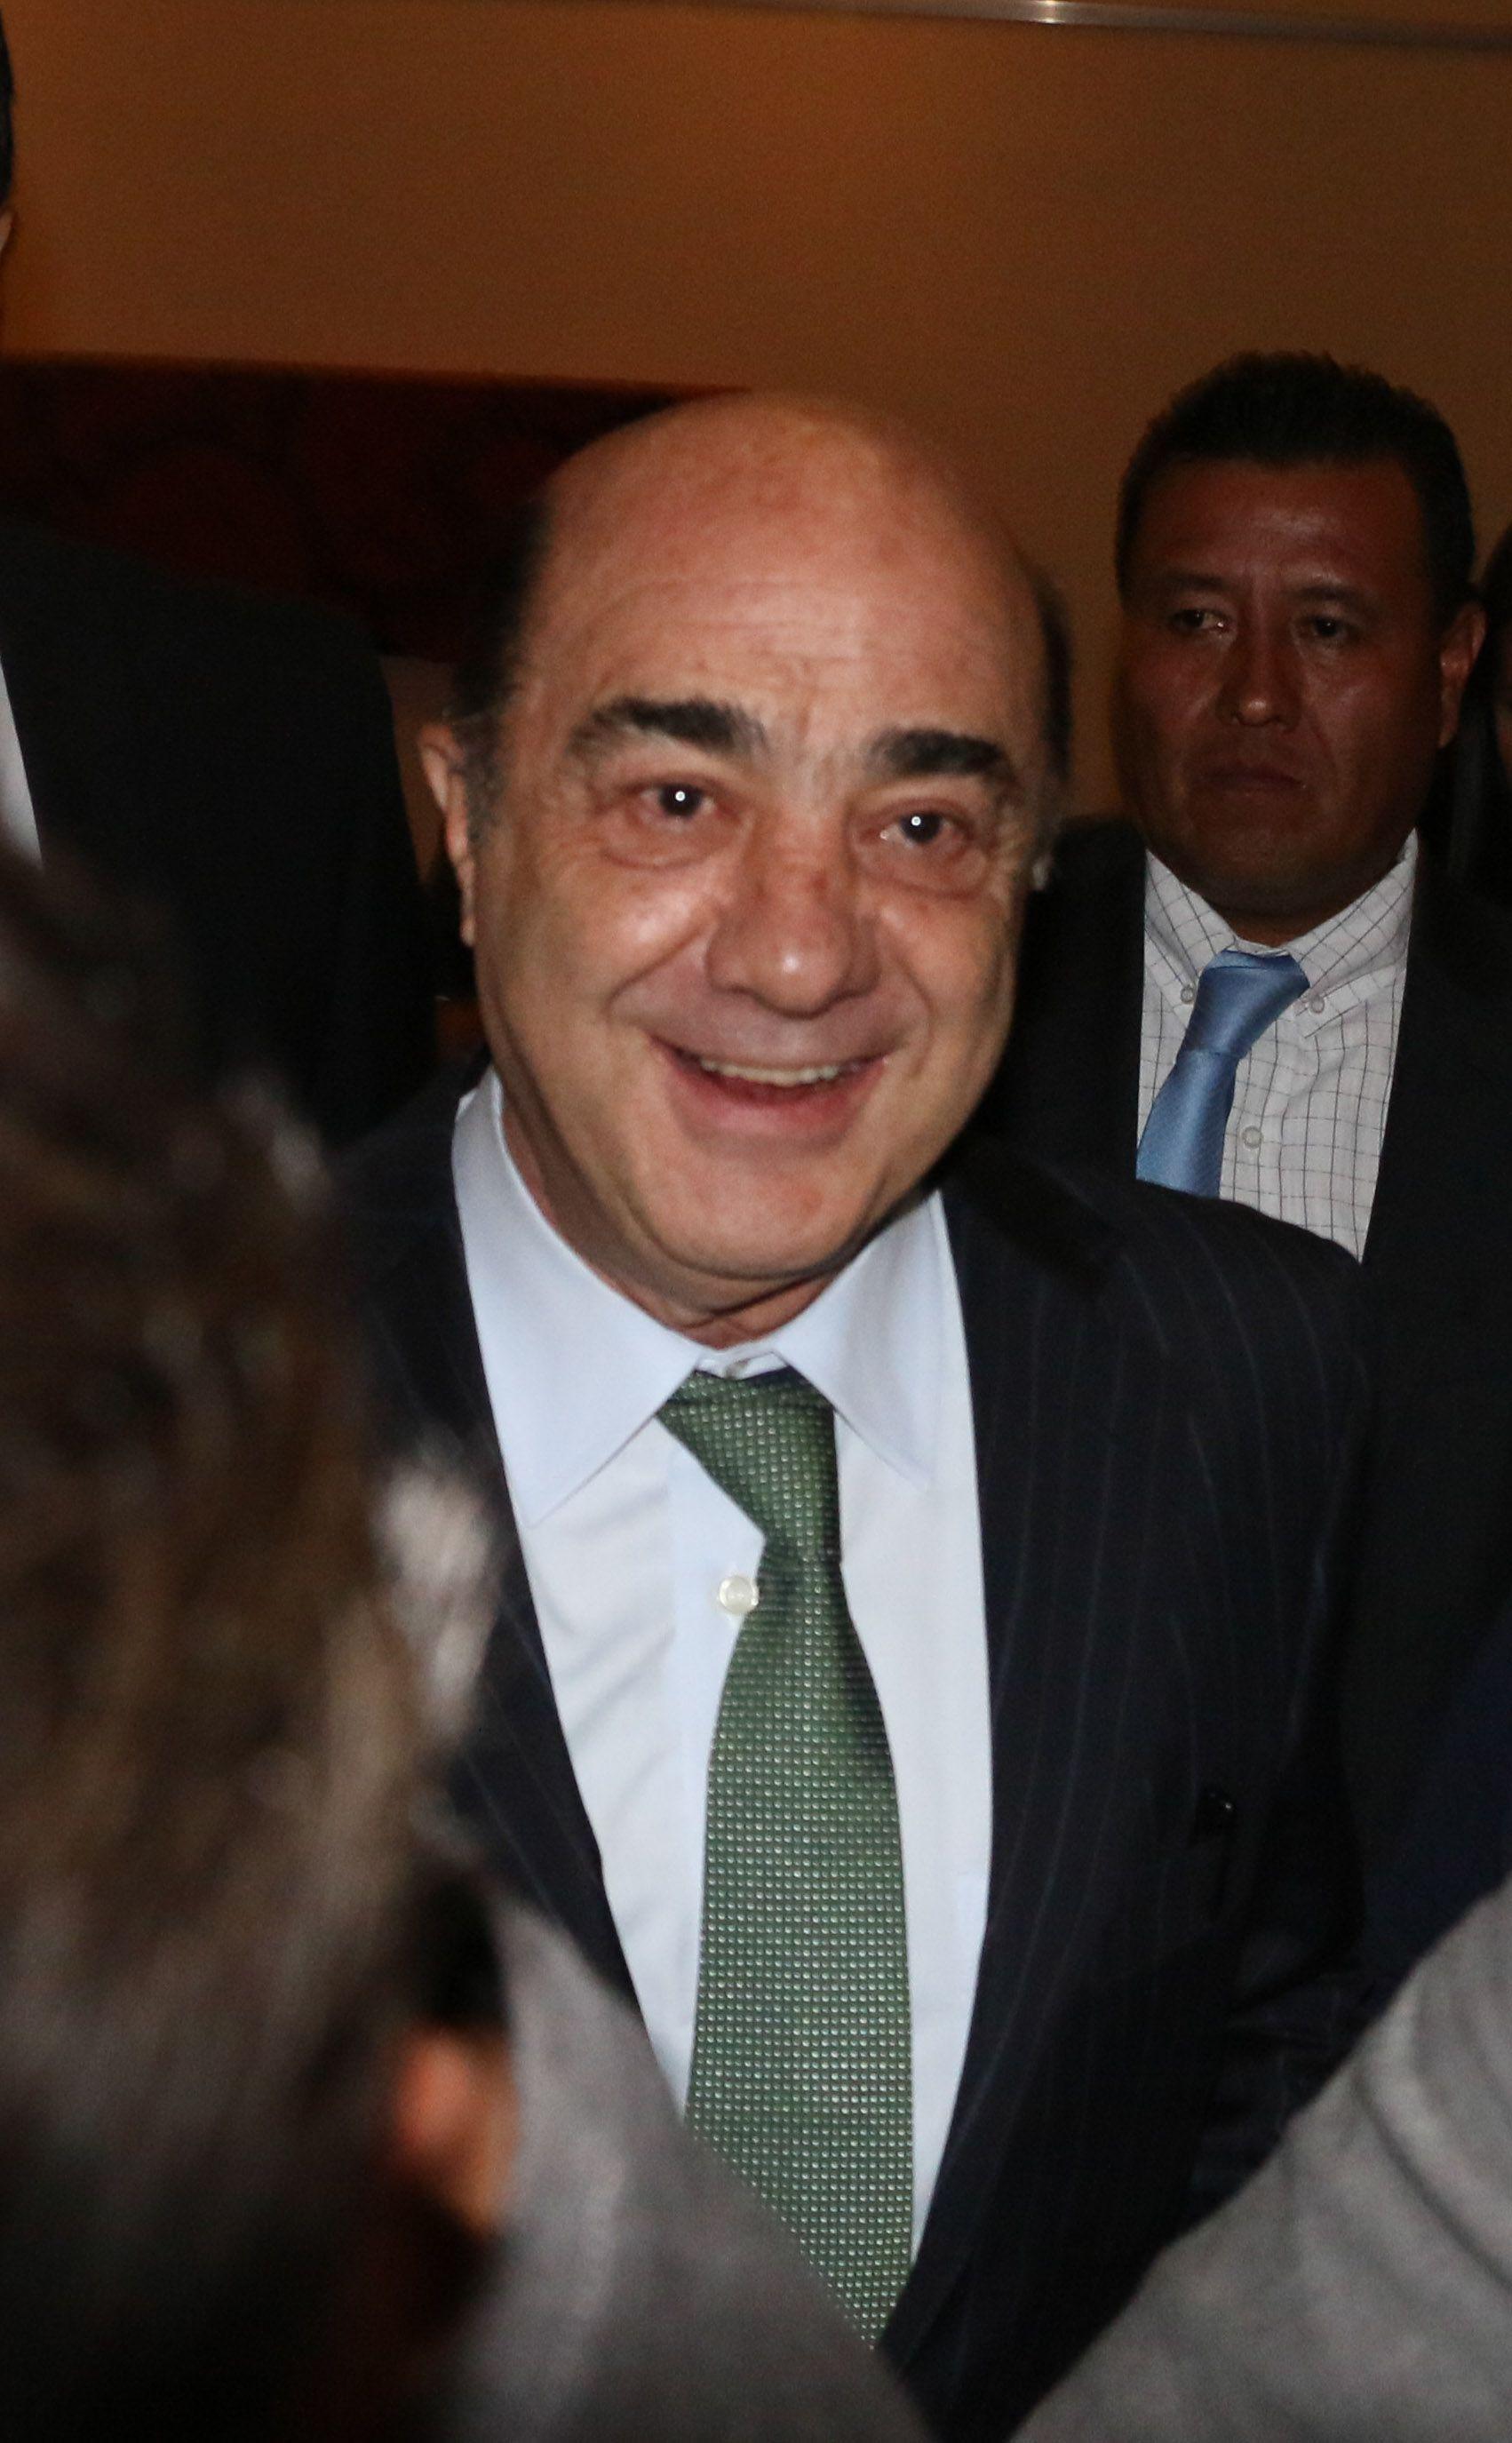 Murillo Karam dijo no tener miedo de que se rehaga la averiguación sobre el caso. (Foto: Saúl López/ Cuartoscuro)